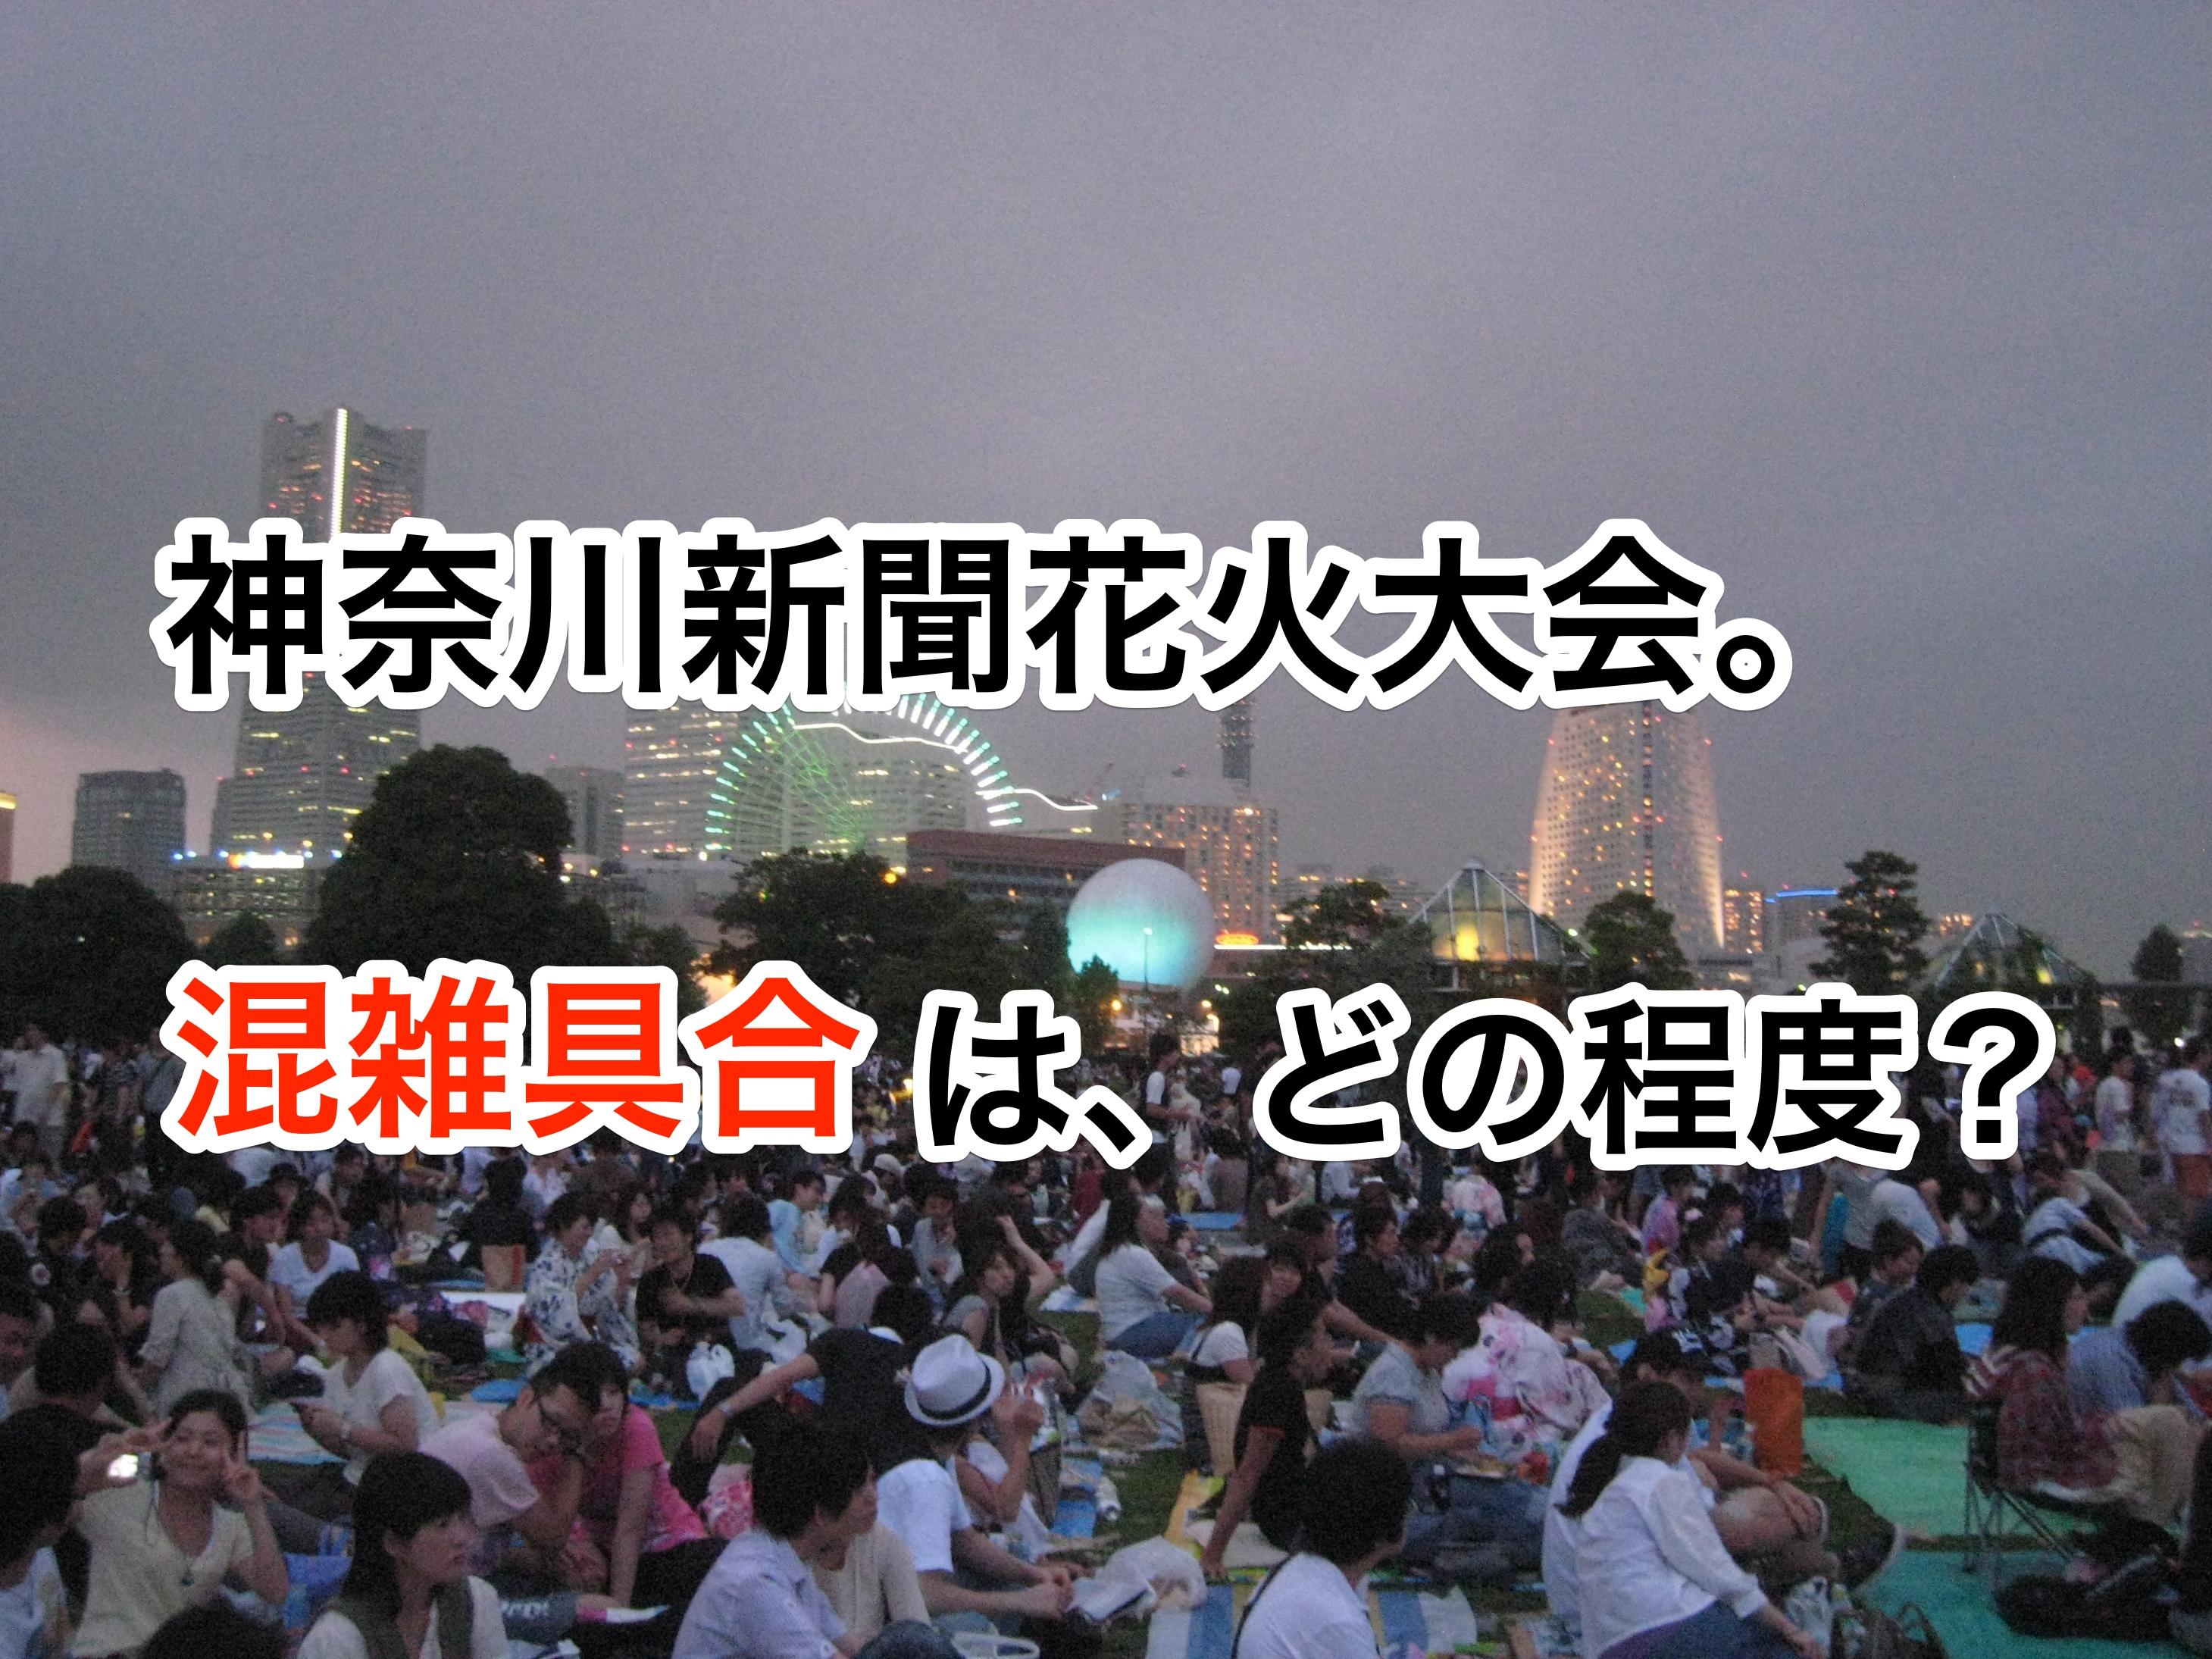 『神奈川新聞花火大会』おすすめのスケジュールと混雑具合について